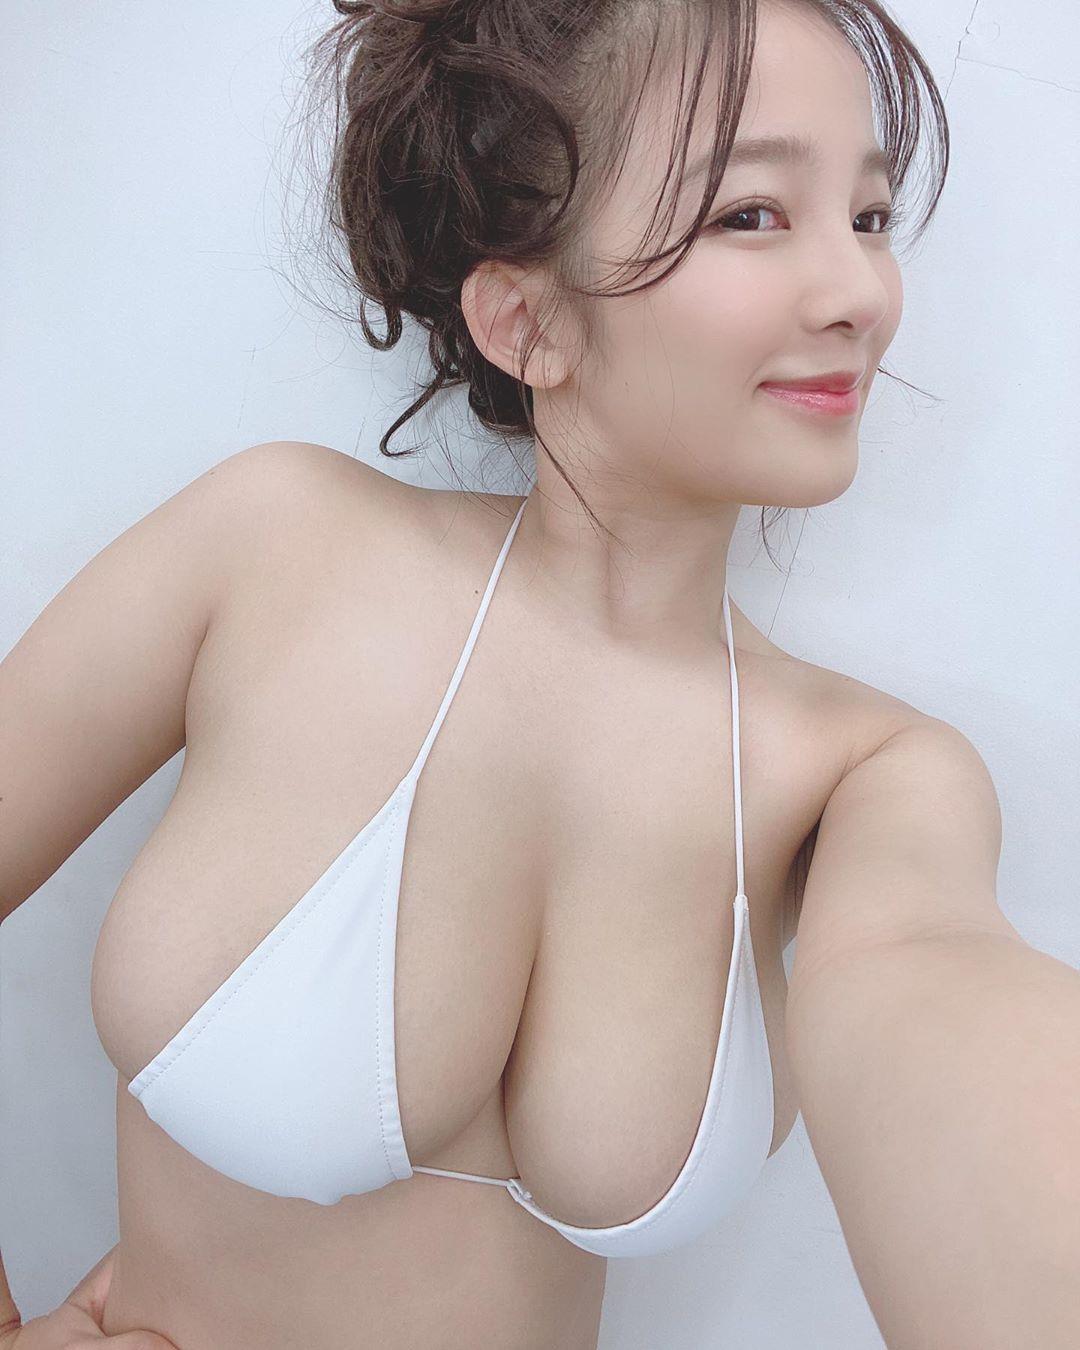 amaki_jun294.jpg